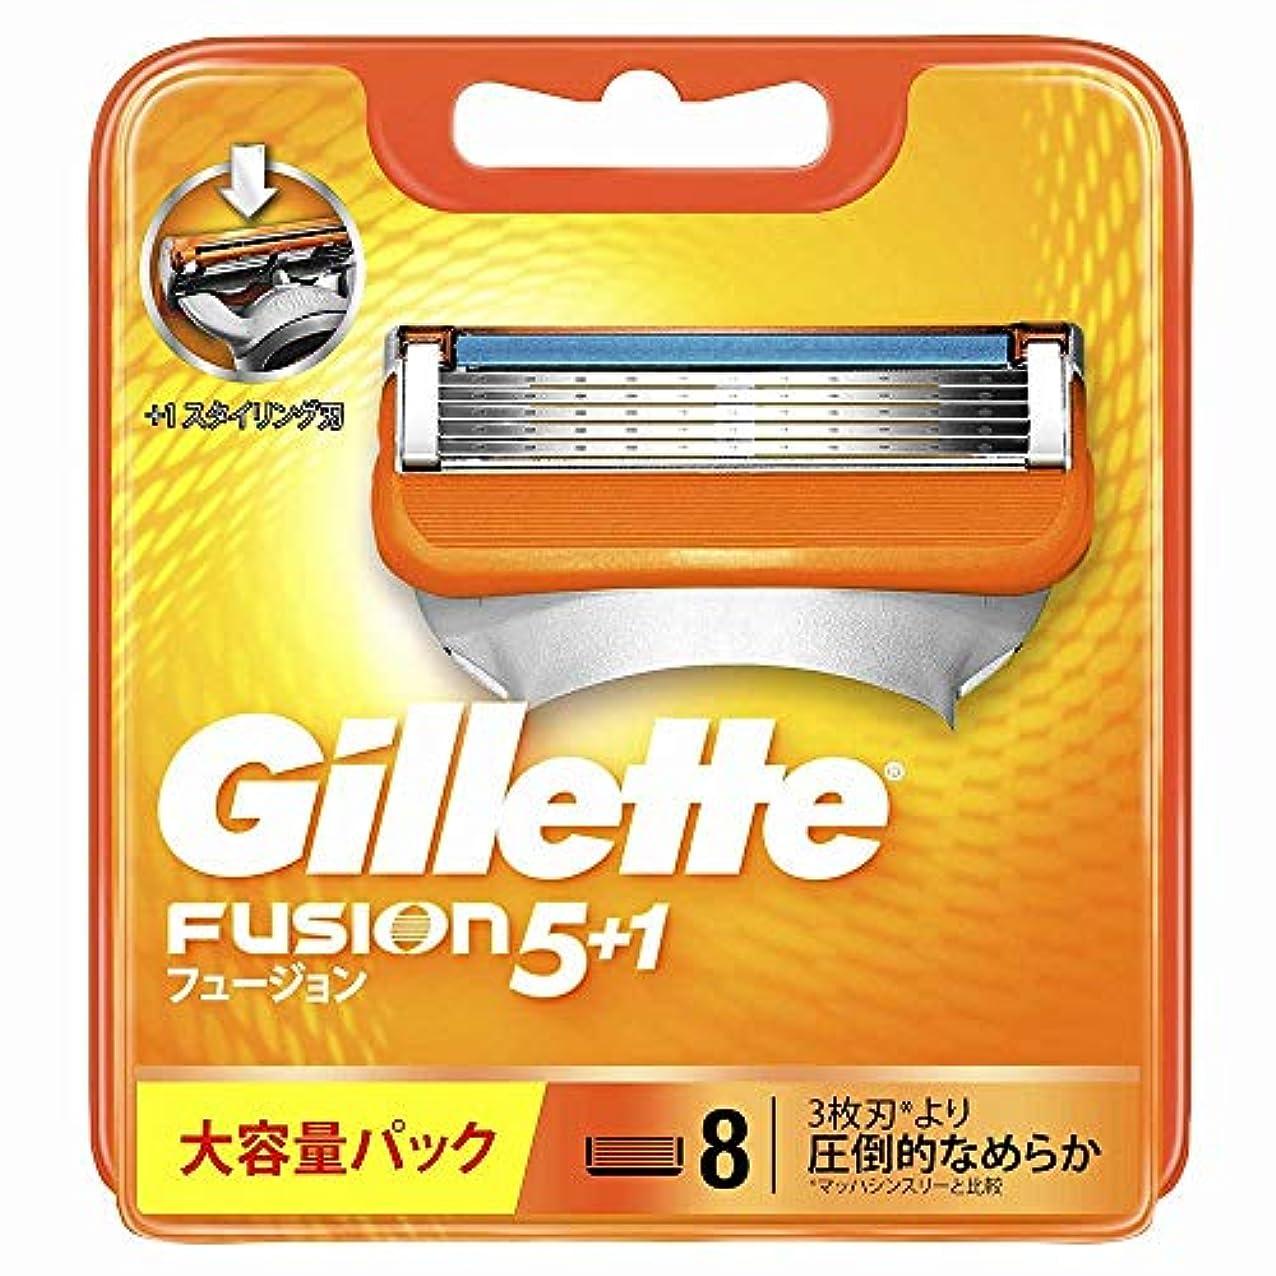 気怠い十分カフェジレット 髭剃り フュージョン5+1 替刃8個入